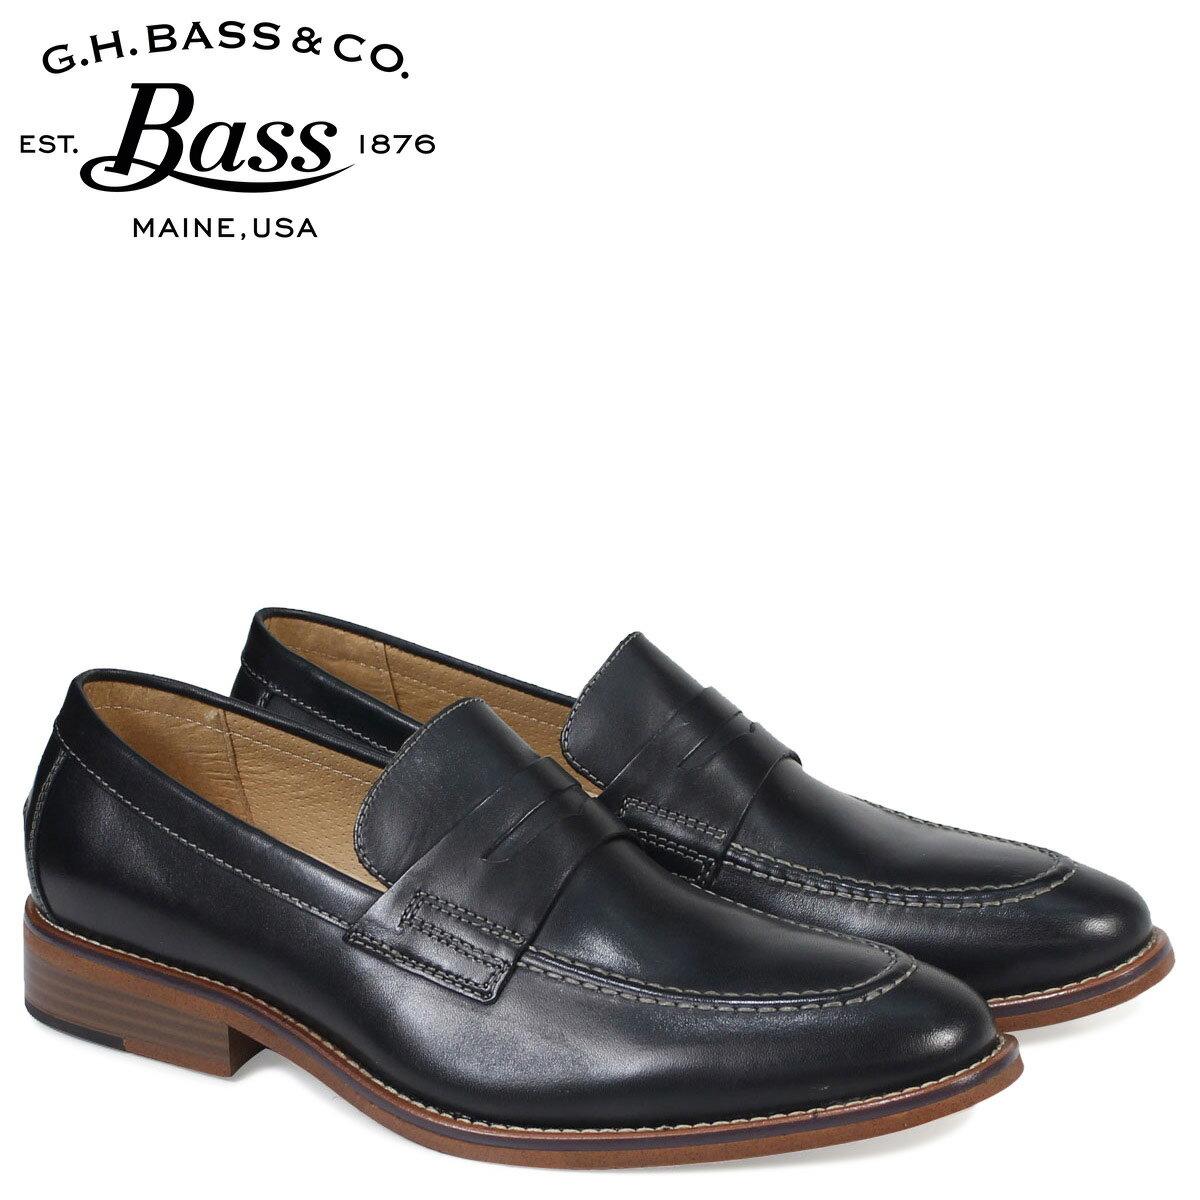 ジーエイチバス ローファー G.H. BASS メンズ CONNER PENNY LOAFER 70-10114 靴 ブラック[179]